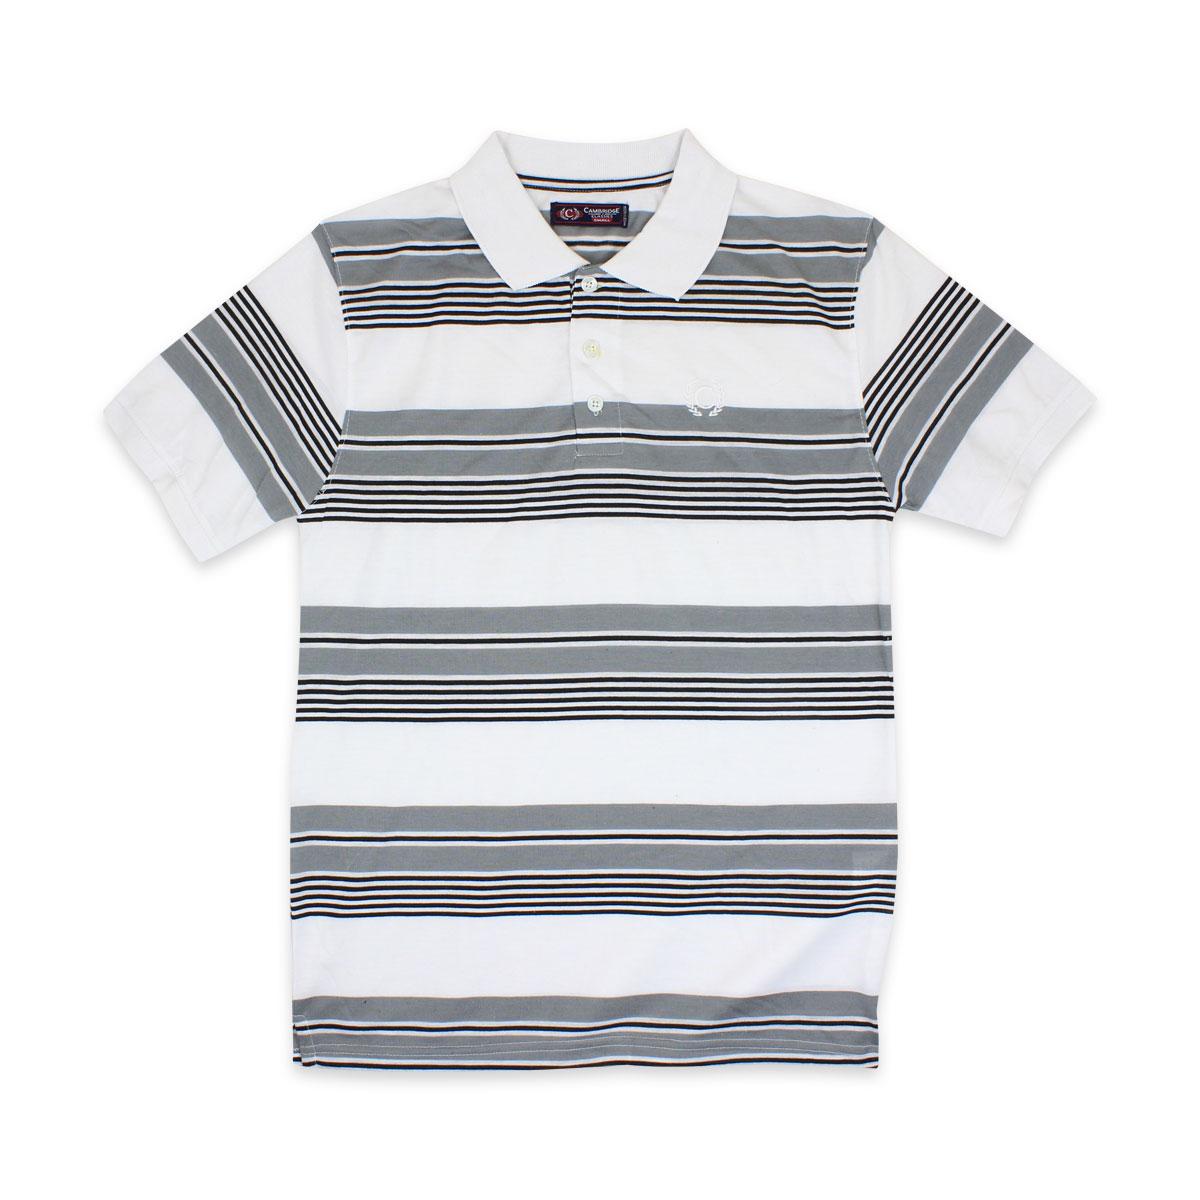 Camisas-Polo-Para-Hombre-A-Rayas-Pique-Con-Cuello-camiseta-Camiseta-Manga-Corta-De-Verano-S-M-L-XL miniatura 71